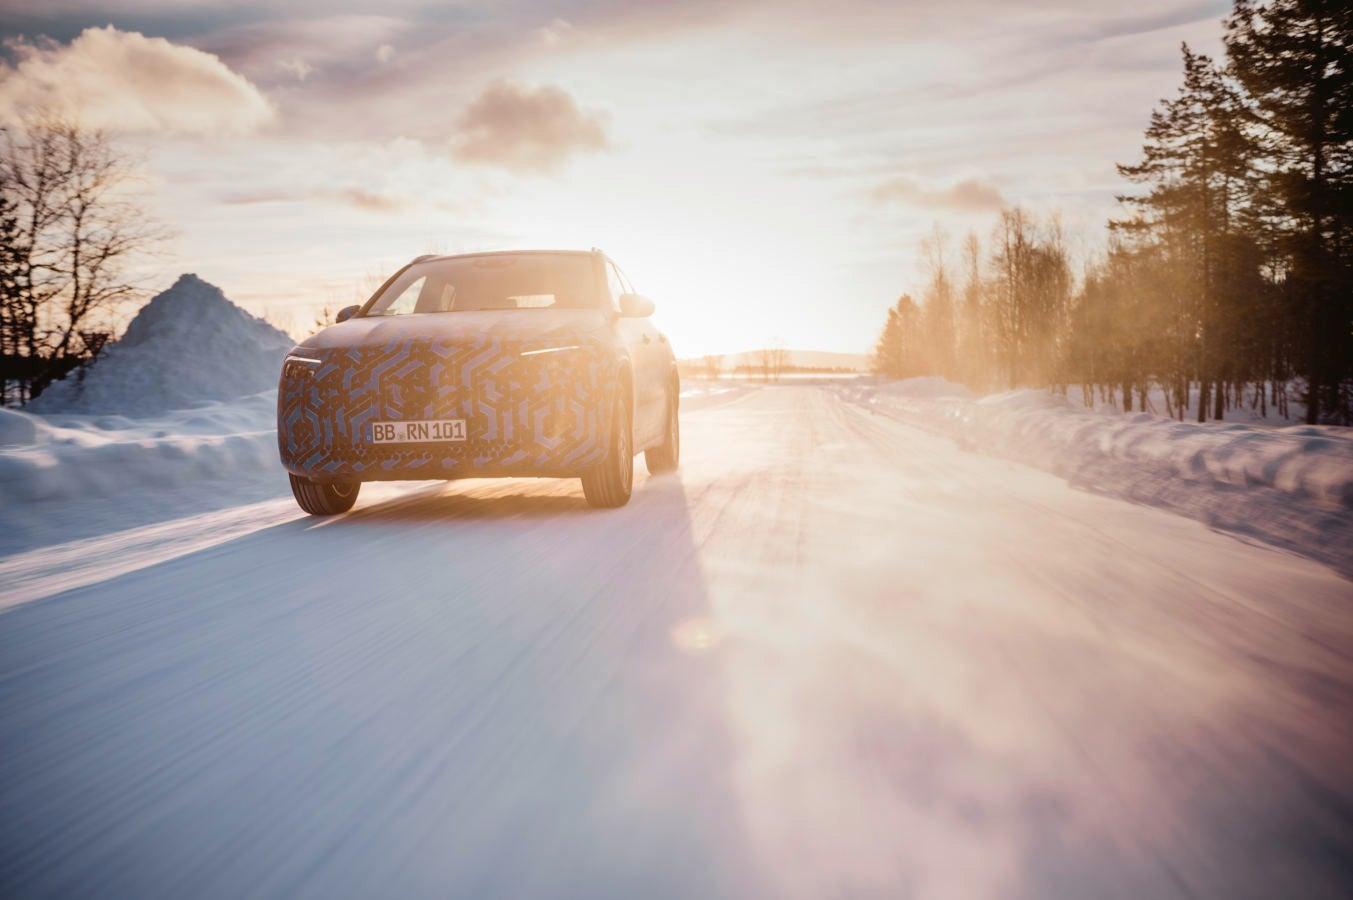 Kälteschock für E-Autos: Diese Auswirkungen haben Frost und Minusgrade - inside digital